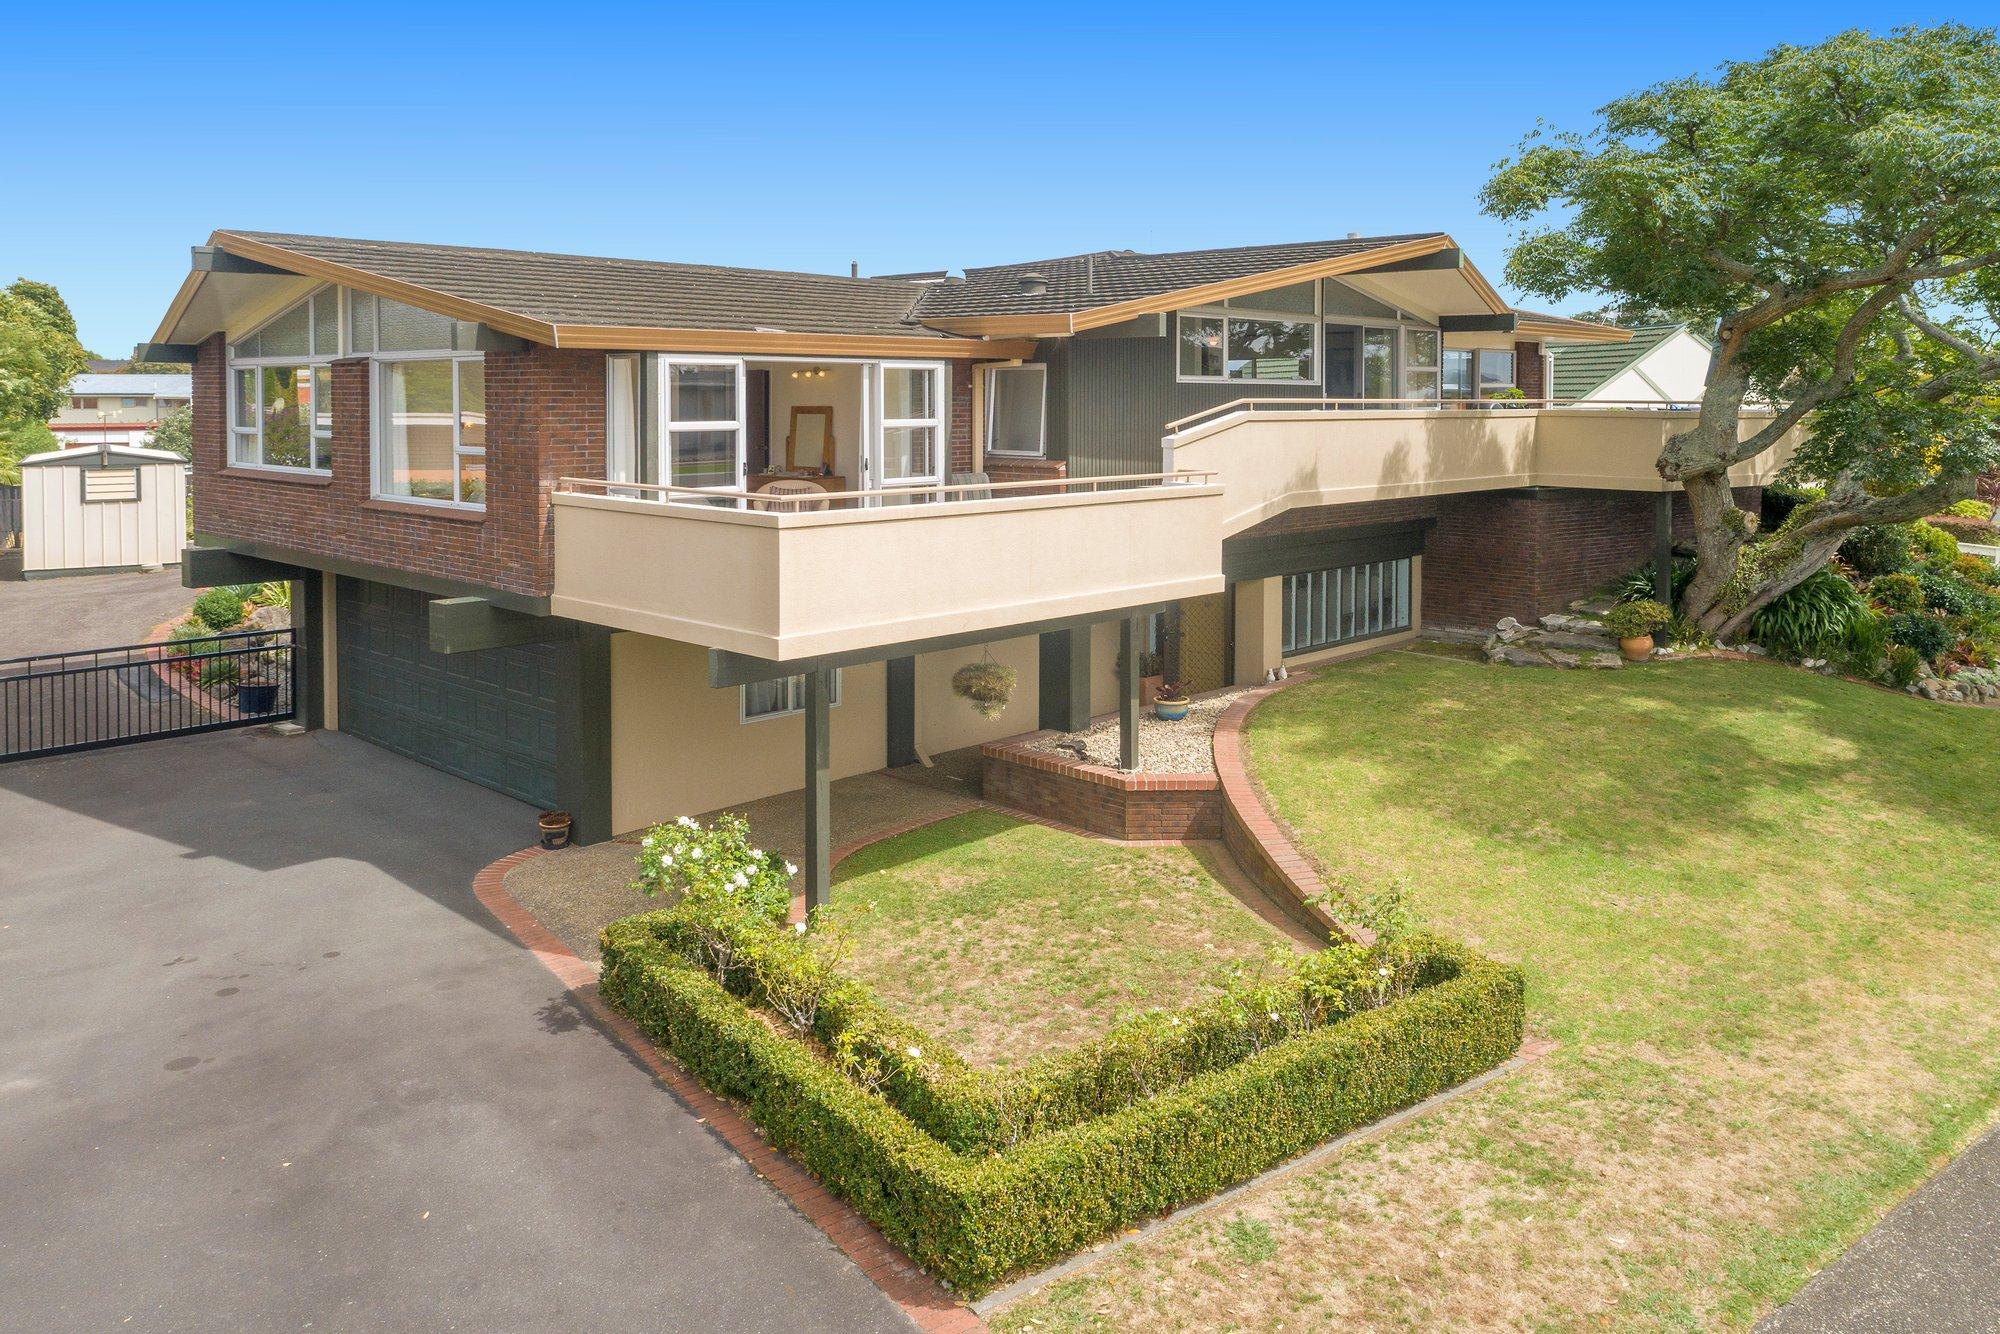 House in Maungatapu, Bay of Plenty, New Zealand 1